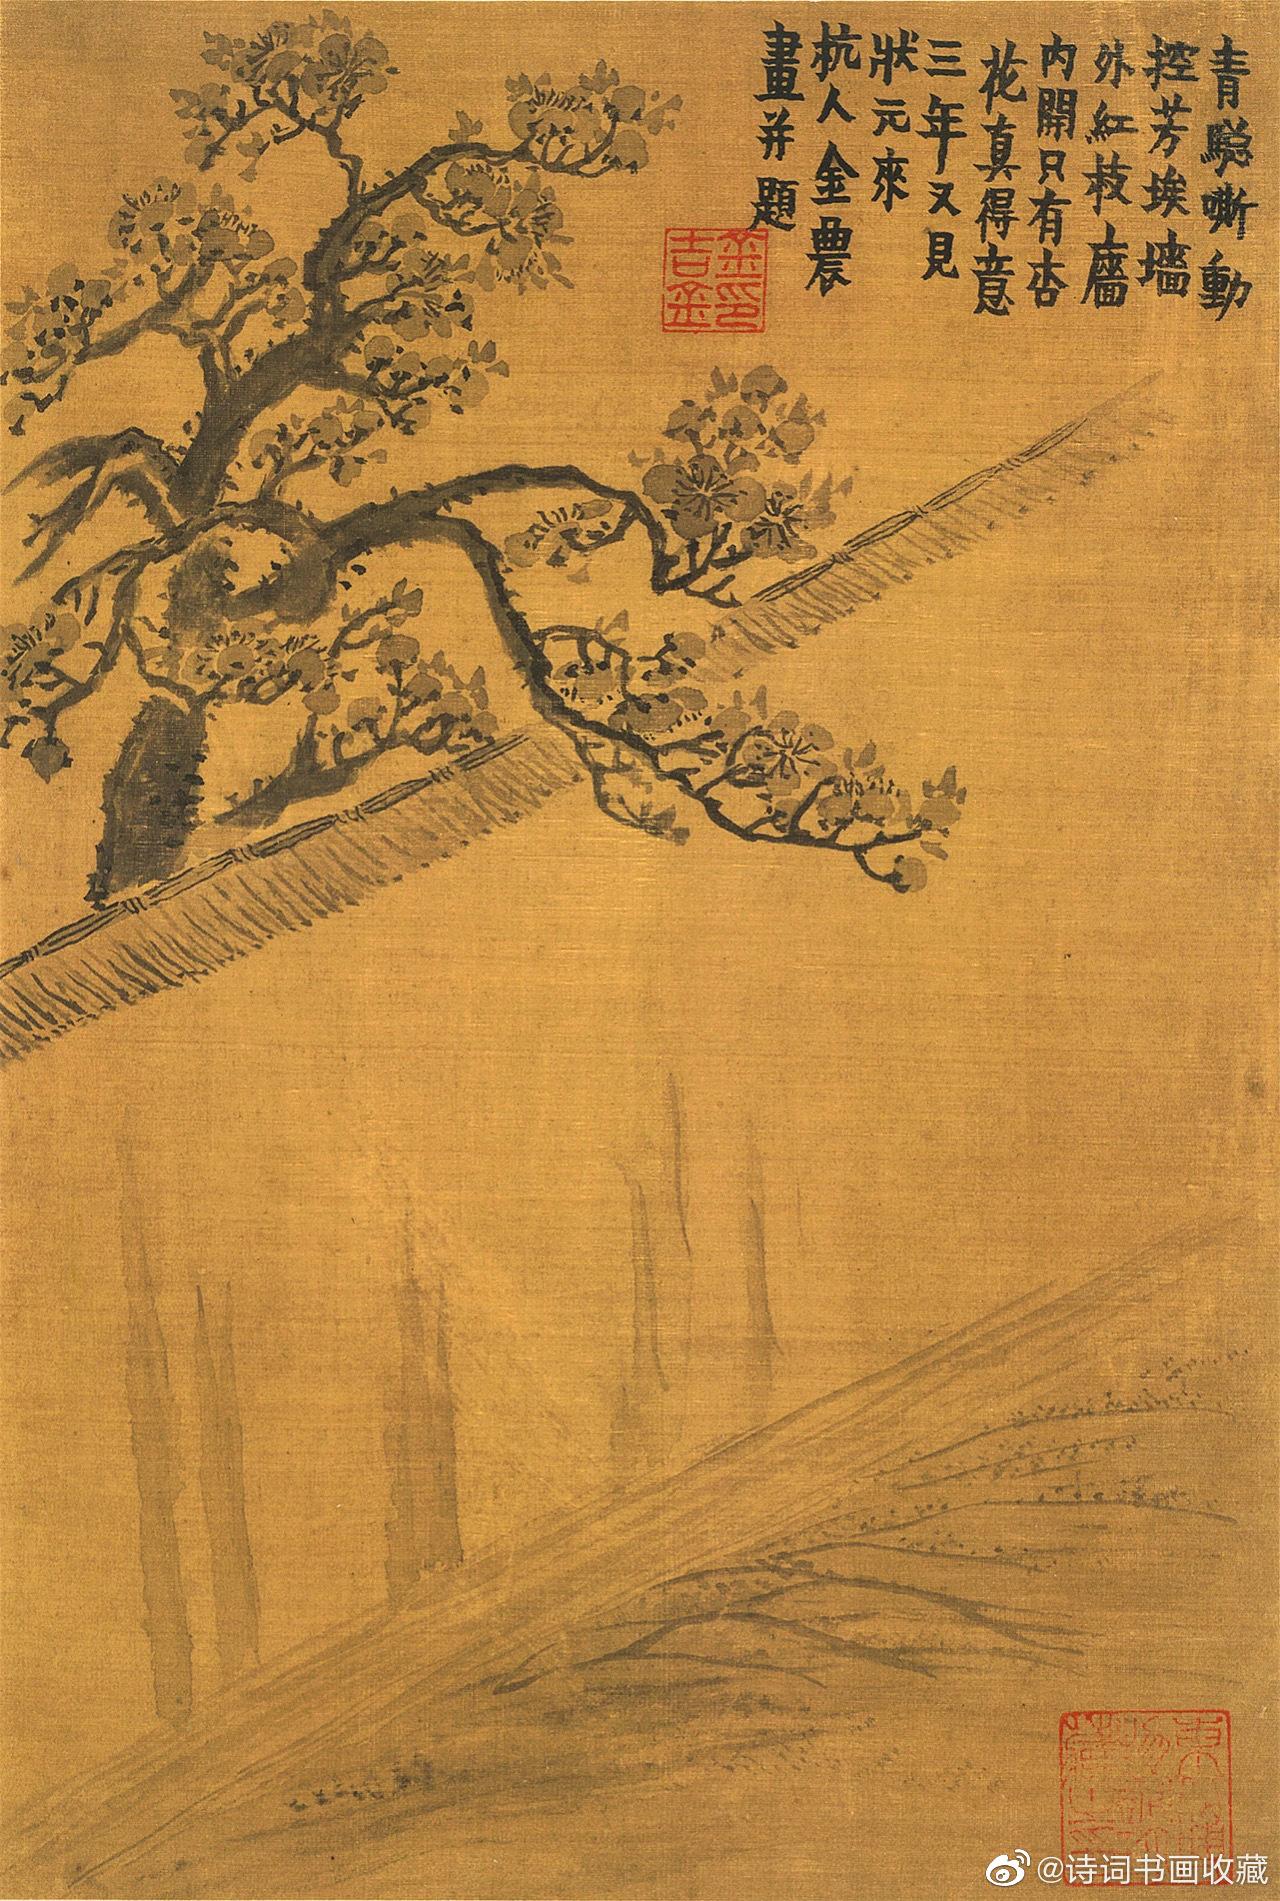 金农《杂画册十二开》辽宁省博物馆藏